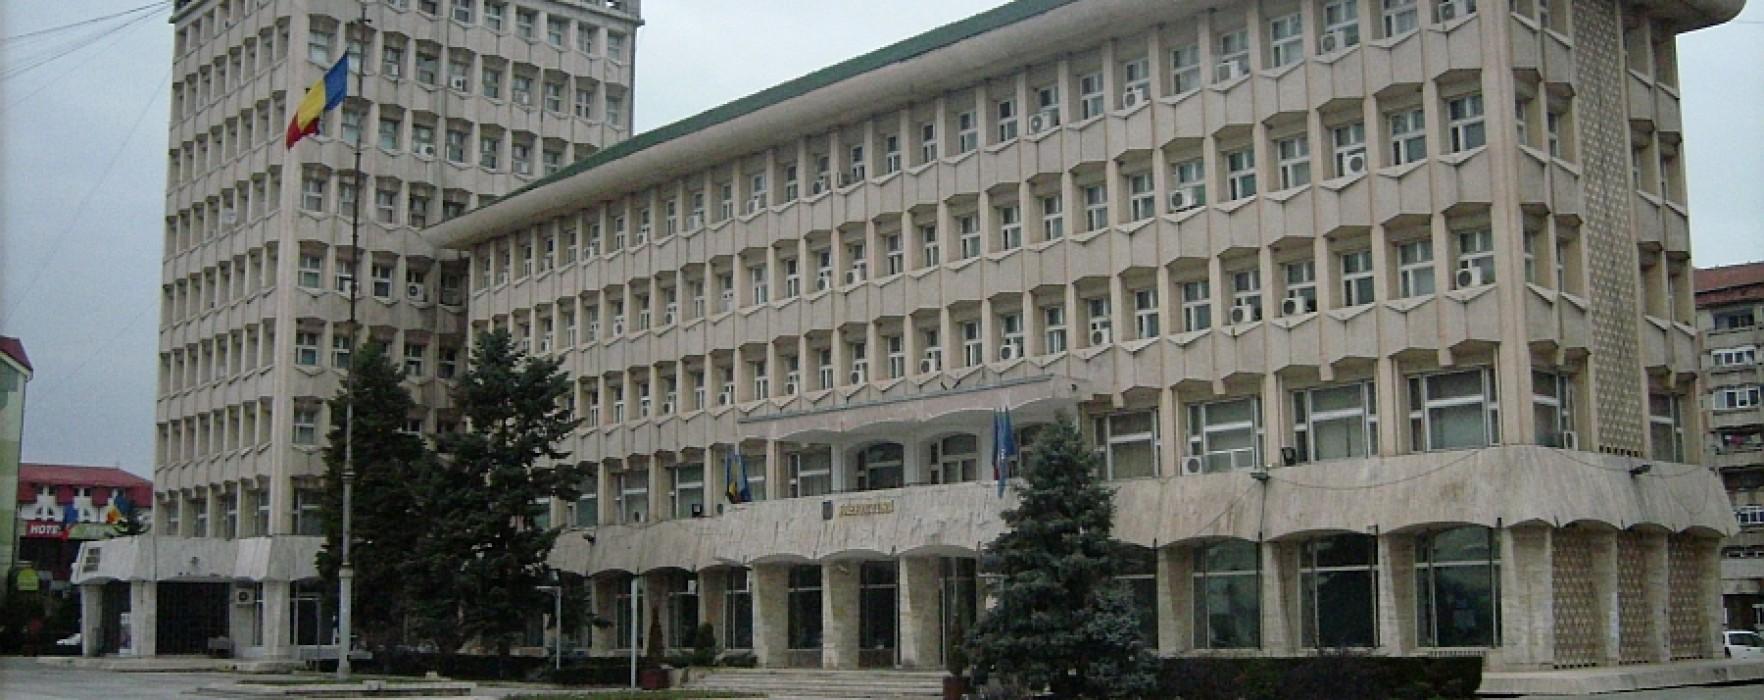 Consiliul Judeţean Dâmboviţa vrea să reabiliteze clădirea instituţiei cu fonduri europene